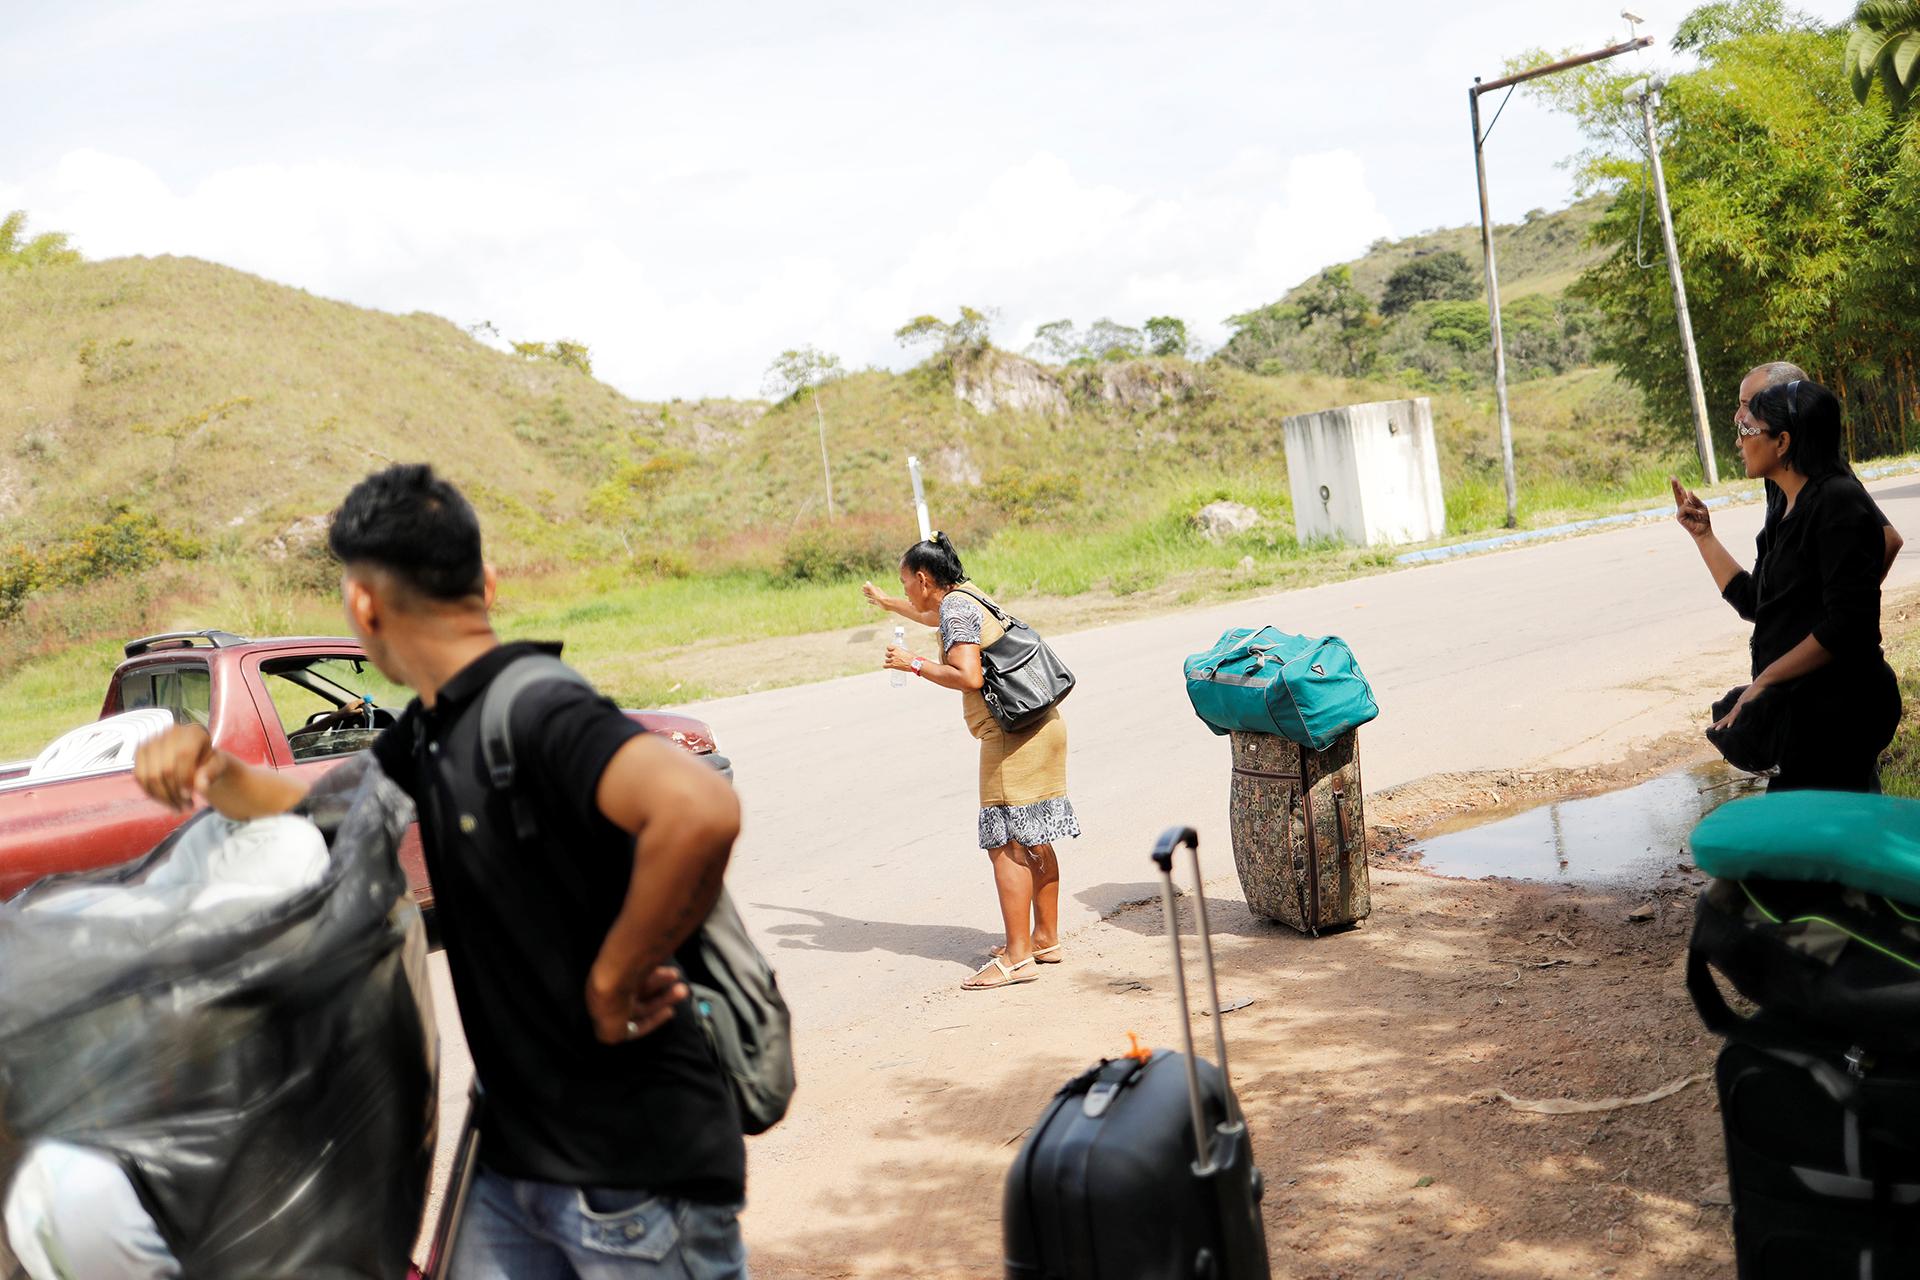 Los venezolanos dejan todo en busca de un futuro mejor (REUTERS)